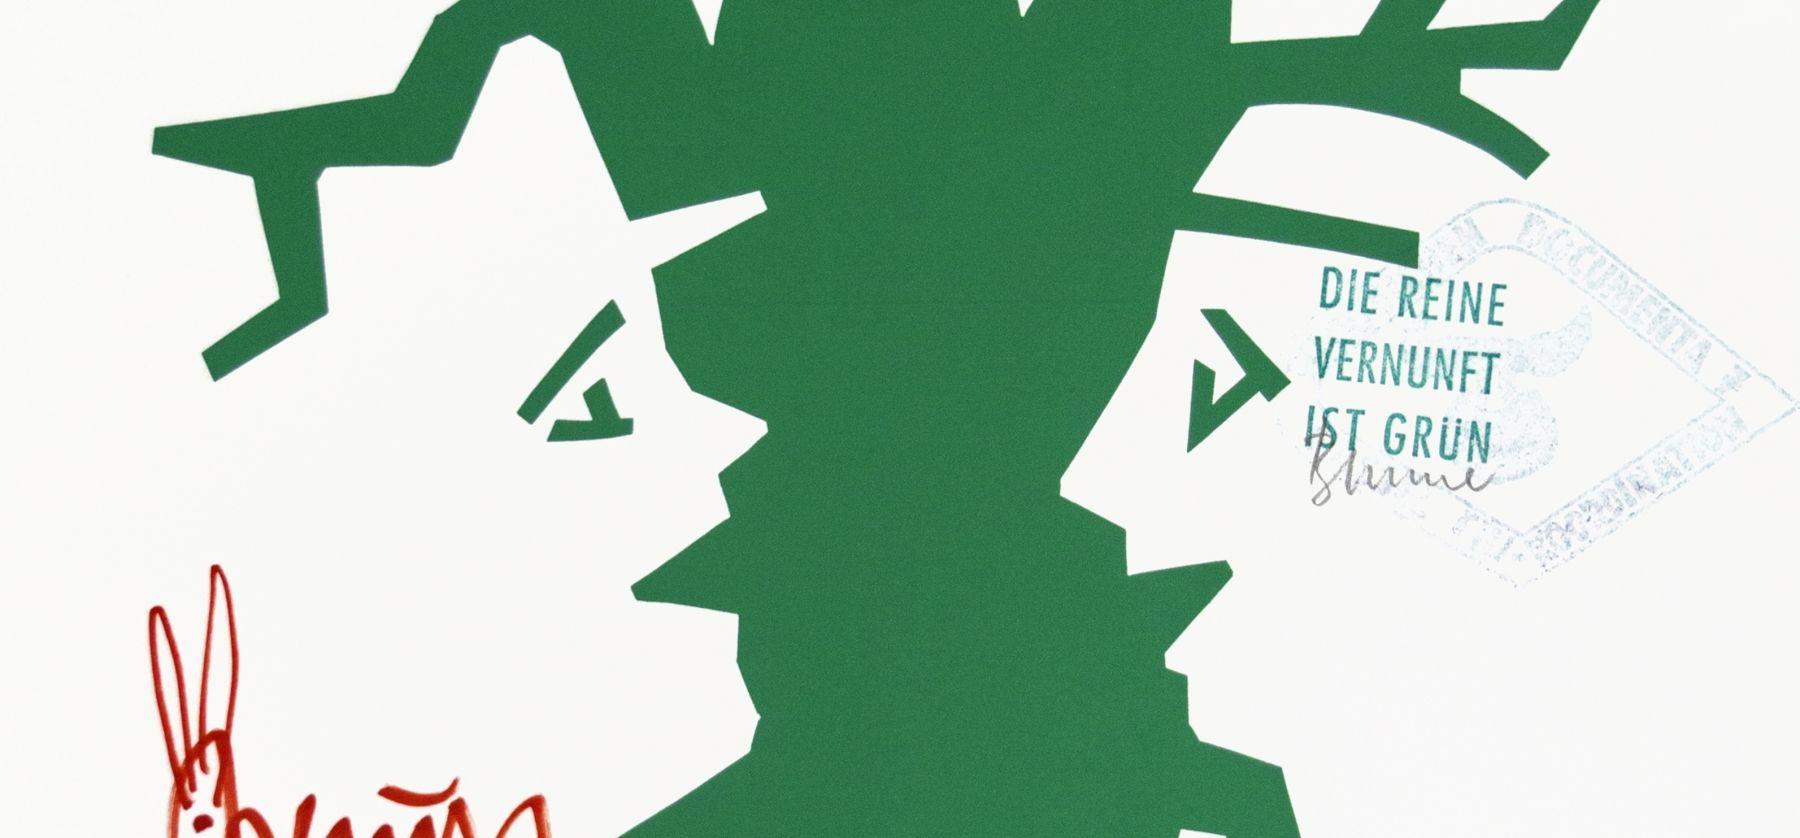 Joseph Beuys 1000 Trees Poster